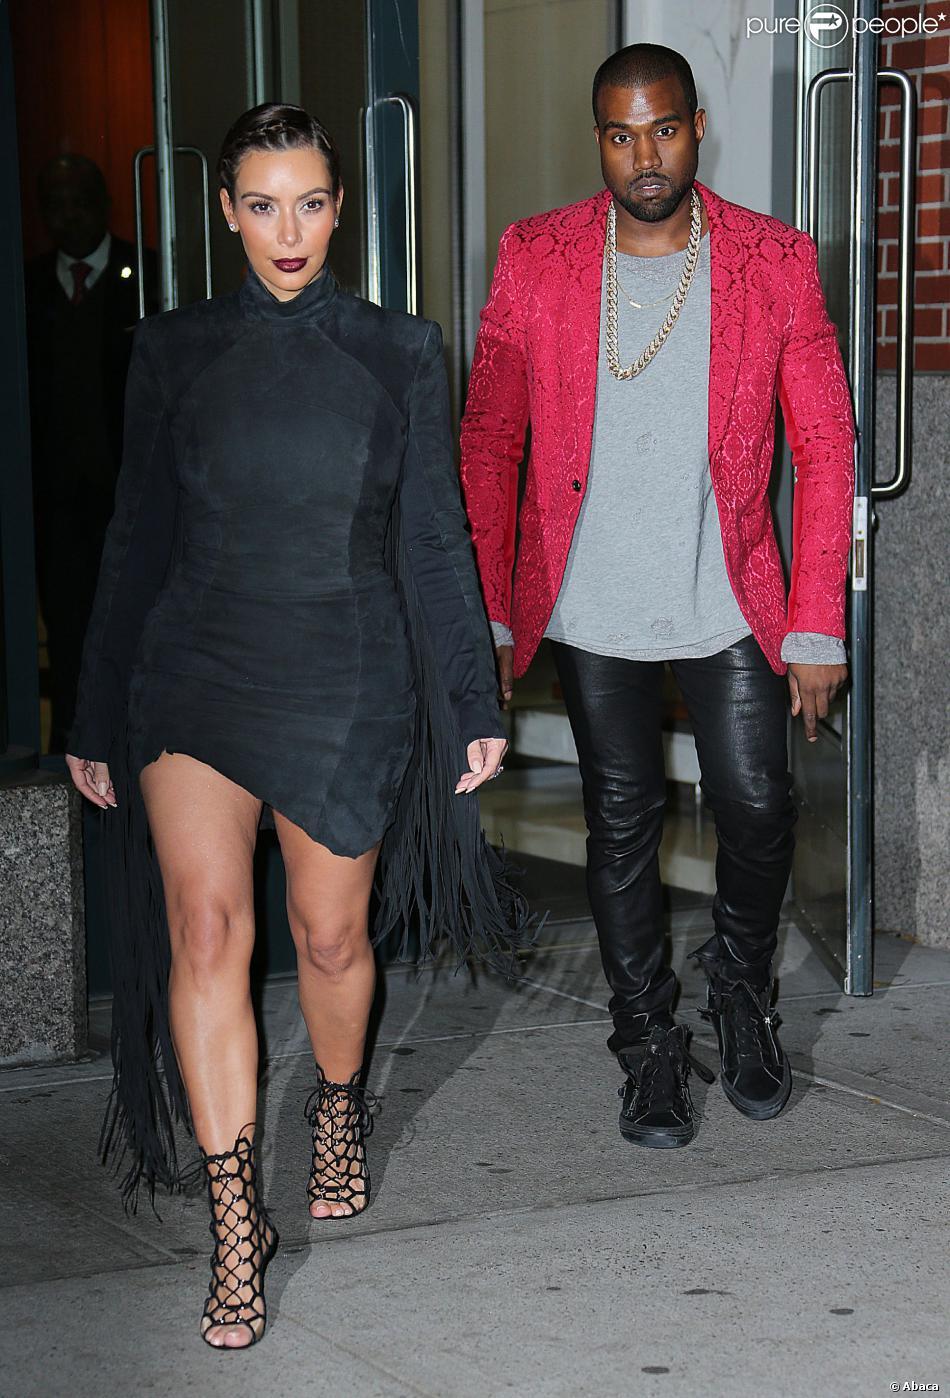 Kim Kardashian, ultrasexy en robe en daim et à franges Gareth Pugh et chaussures Gianvito Rossi, quitte l'appartement de Kanye West avec son fiancé. New York, le 23 novembre 2013.